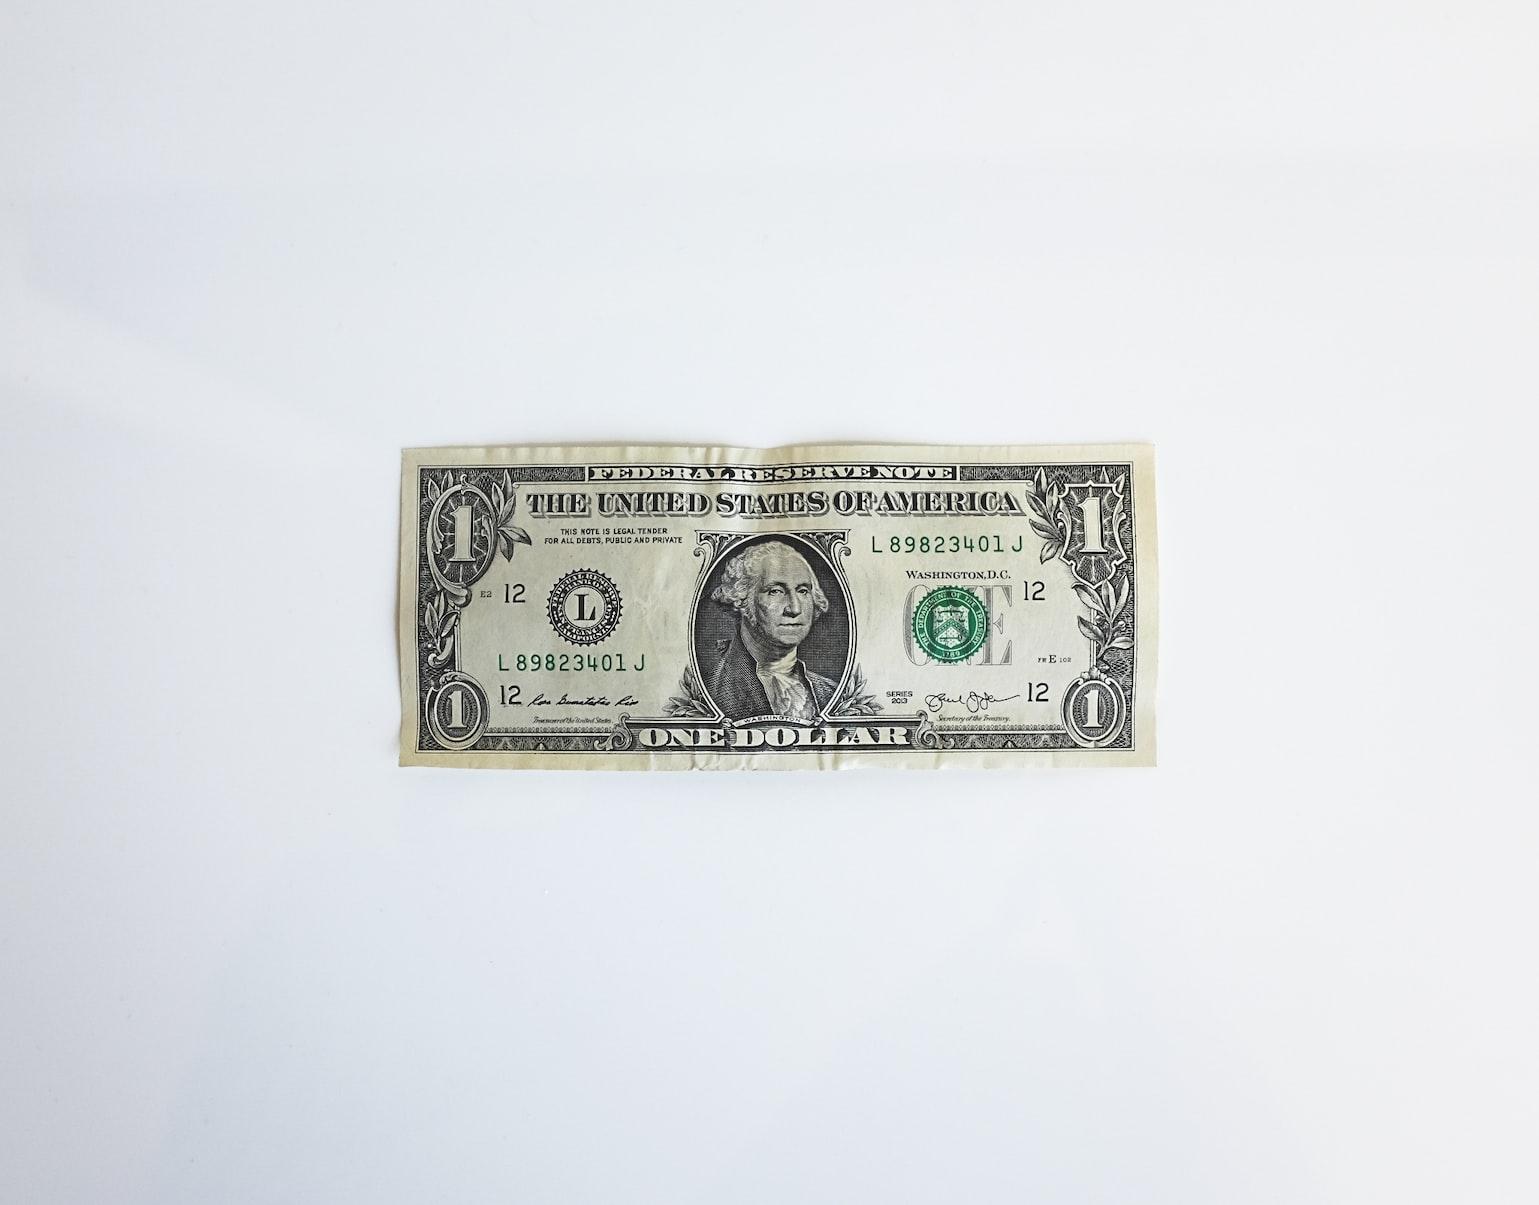 Uang kertas (dollar) sebagai pembayaran